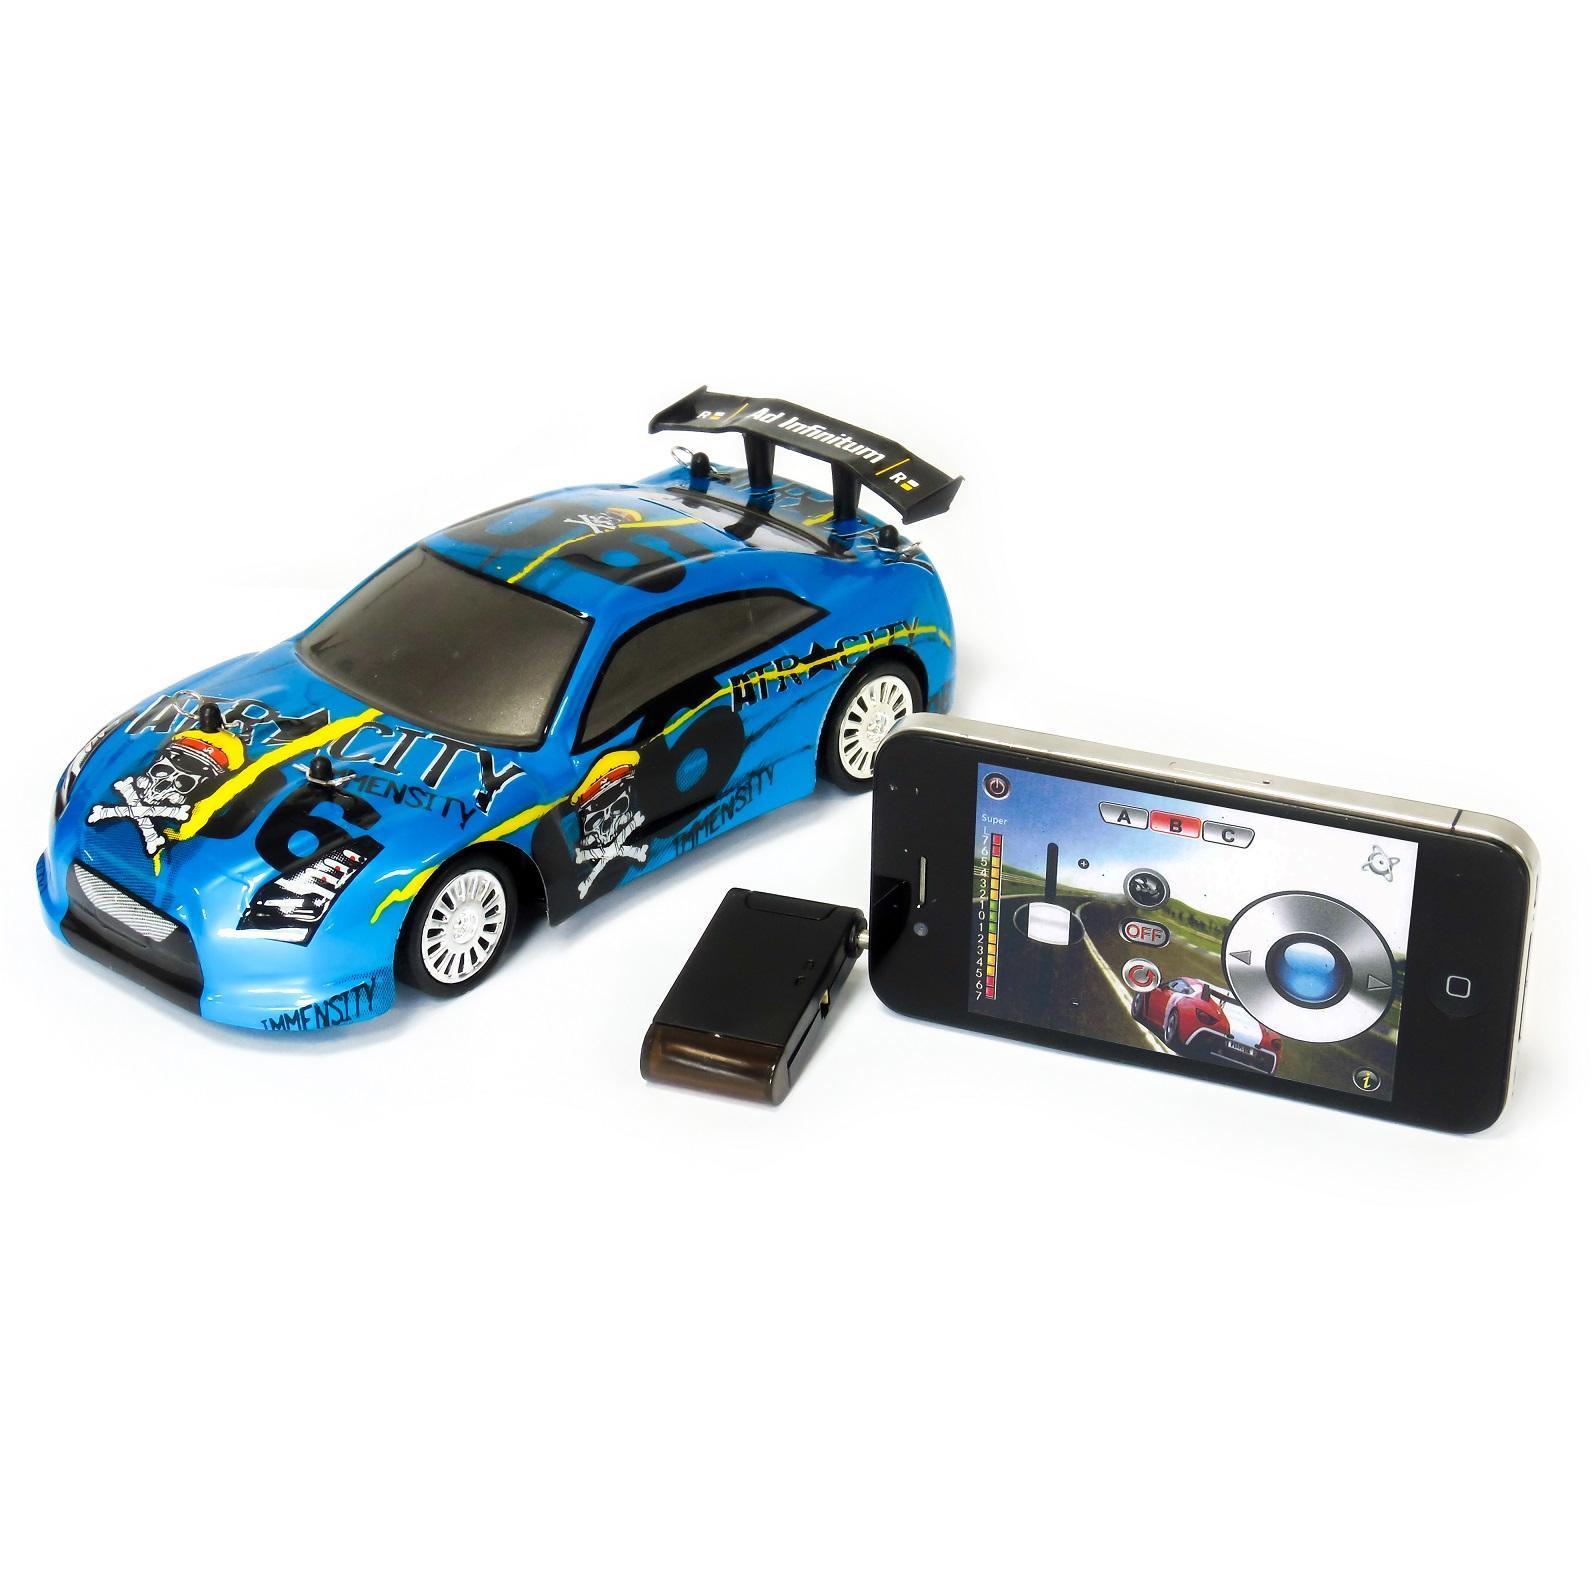 Voiture Bleue télécommandée pour appareils Apple et Android - M-Racer